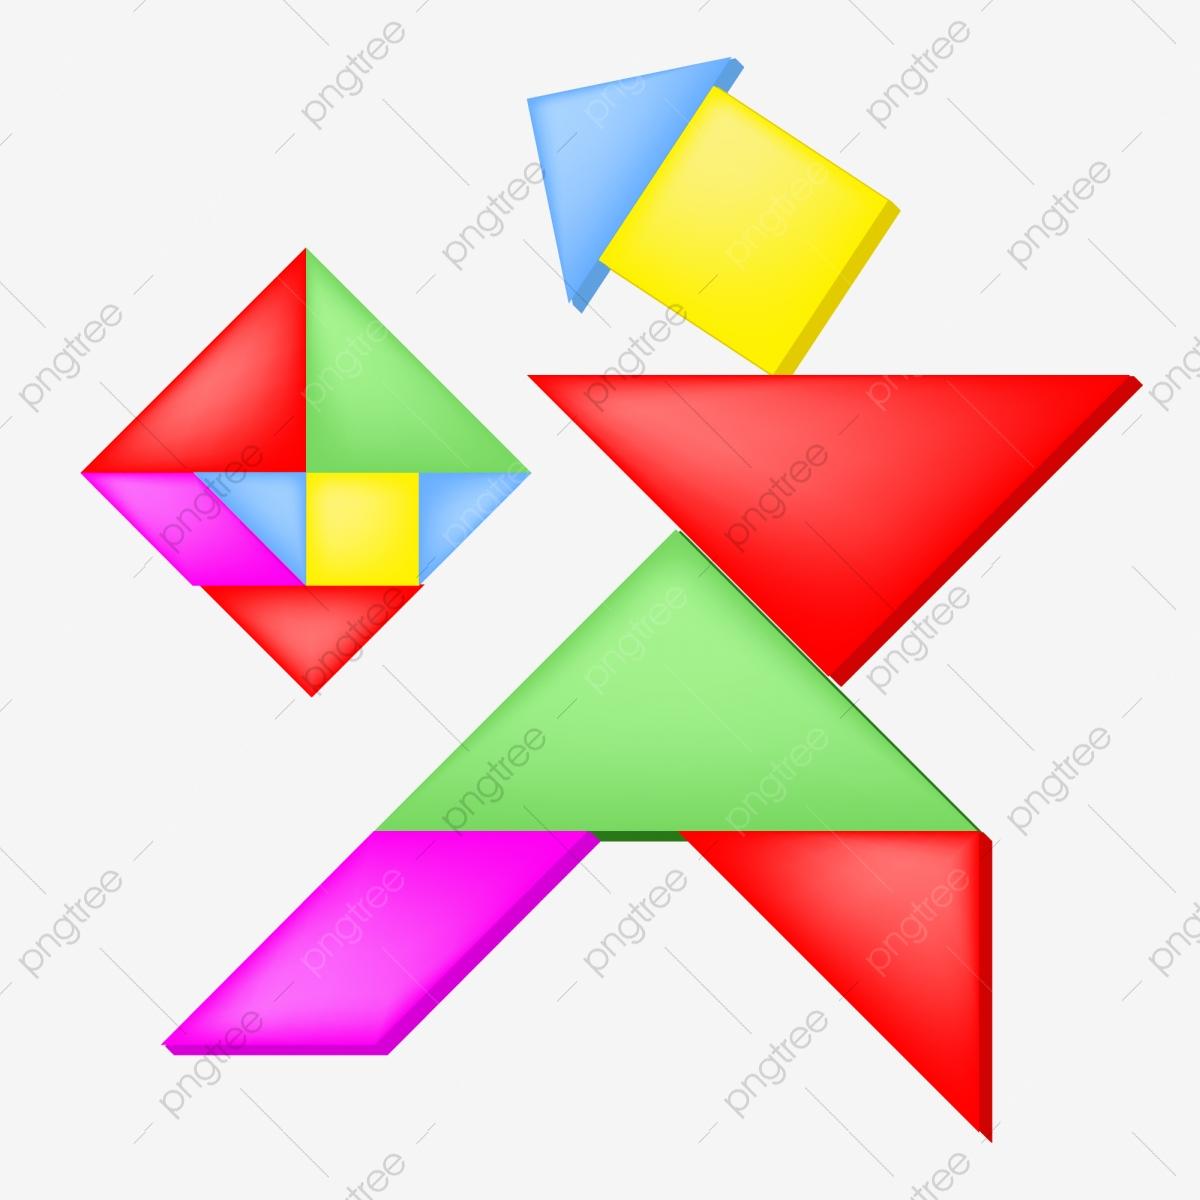 Tangram Couleur Jeu Géométrique Illustration, De, Couleur à Dessin Tangram